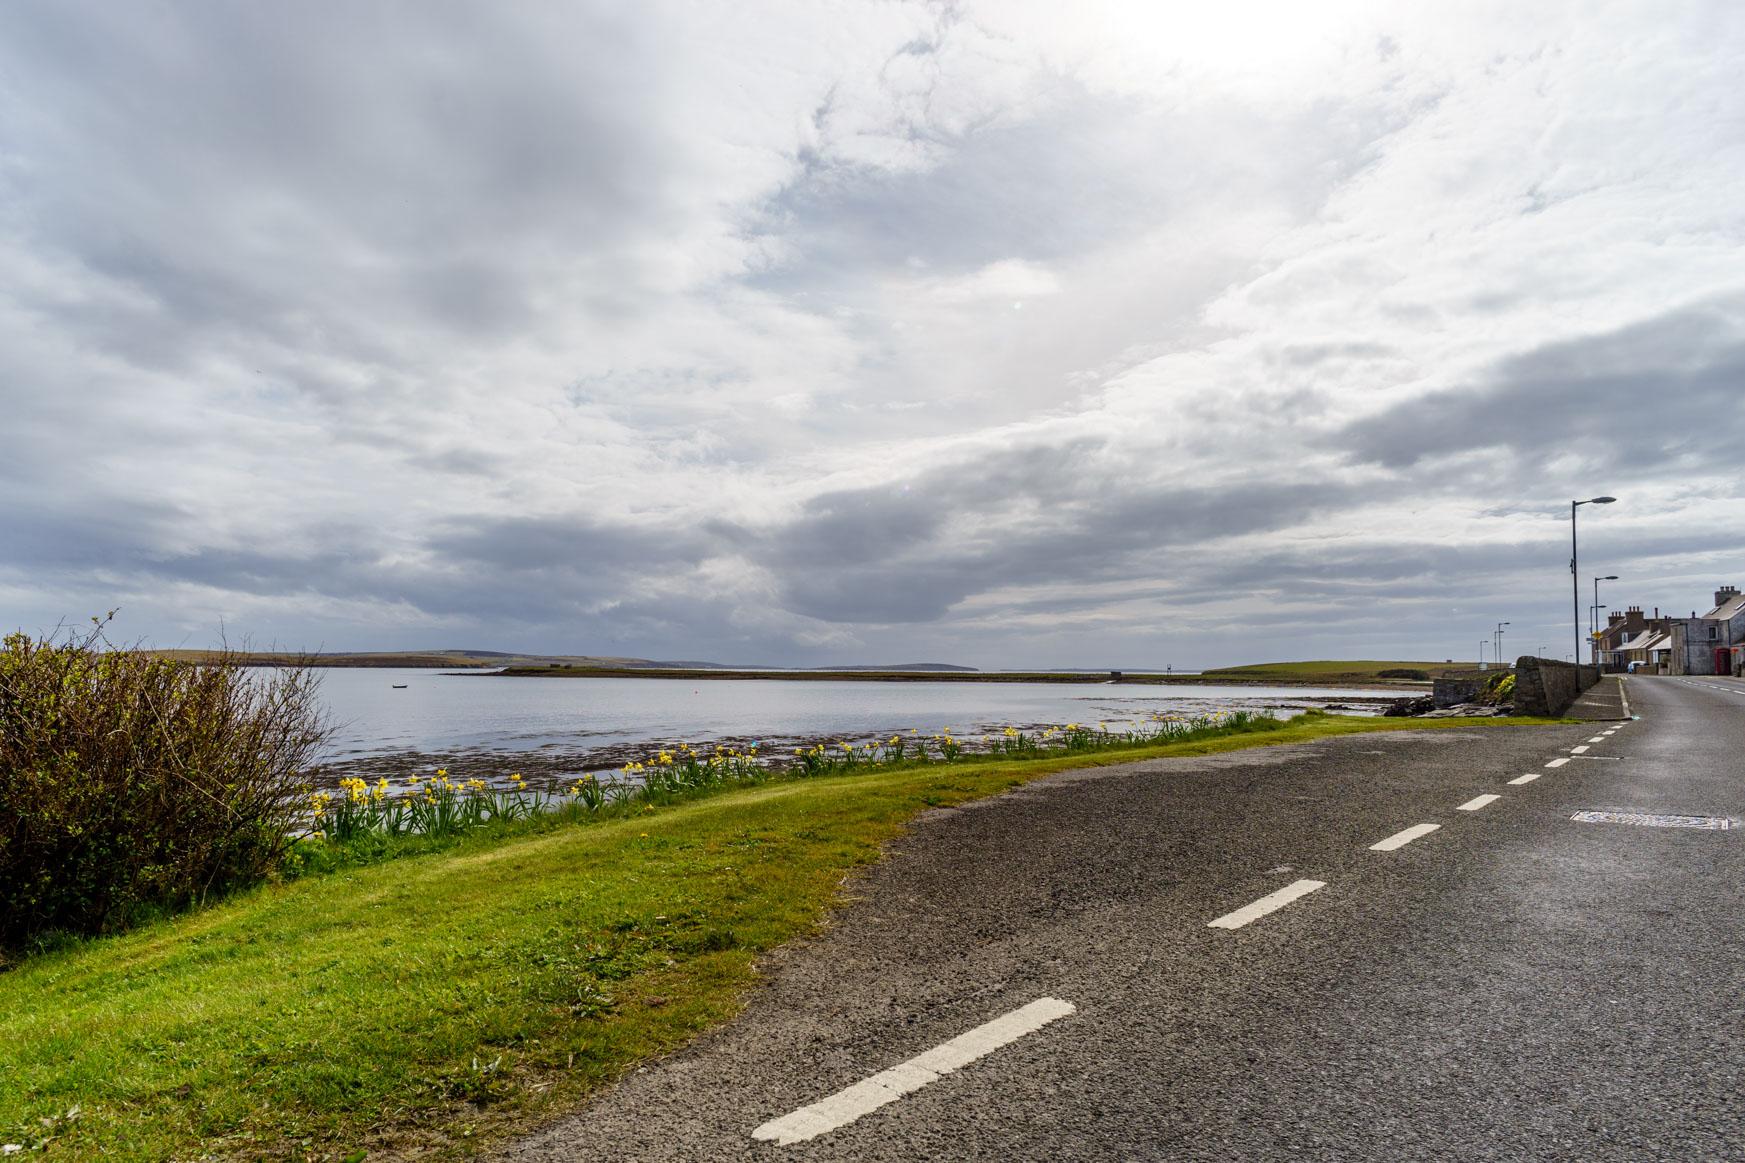 Warten auf den Bus mit schöner Aussicht in die Scapa Flow